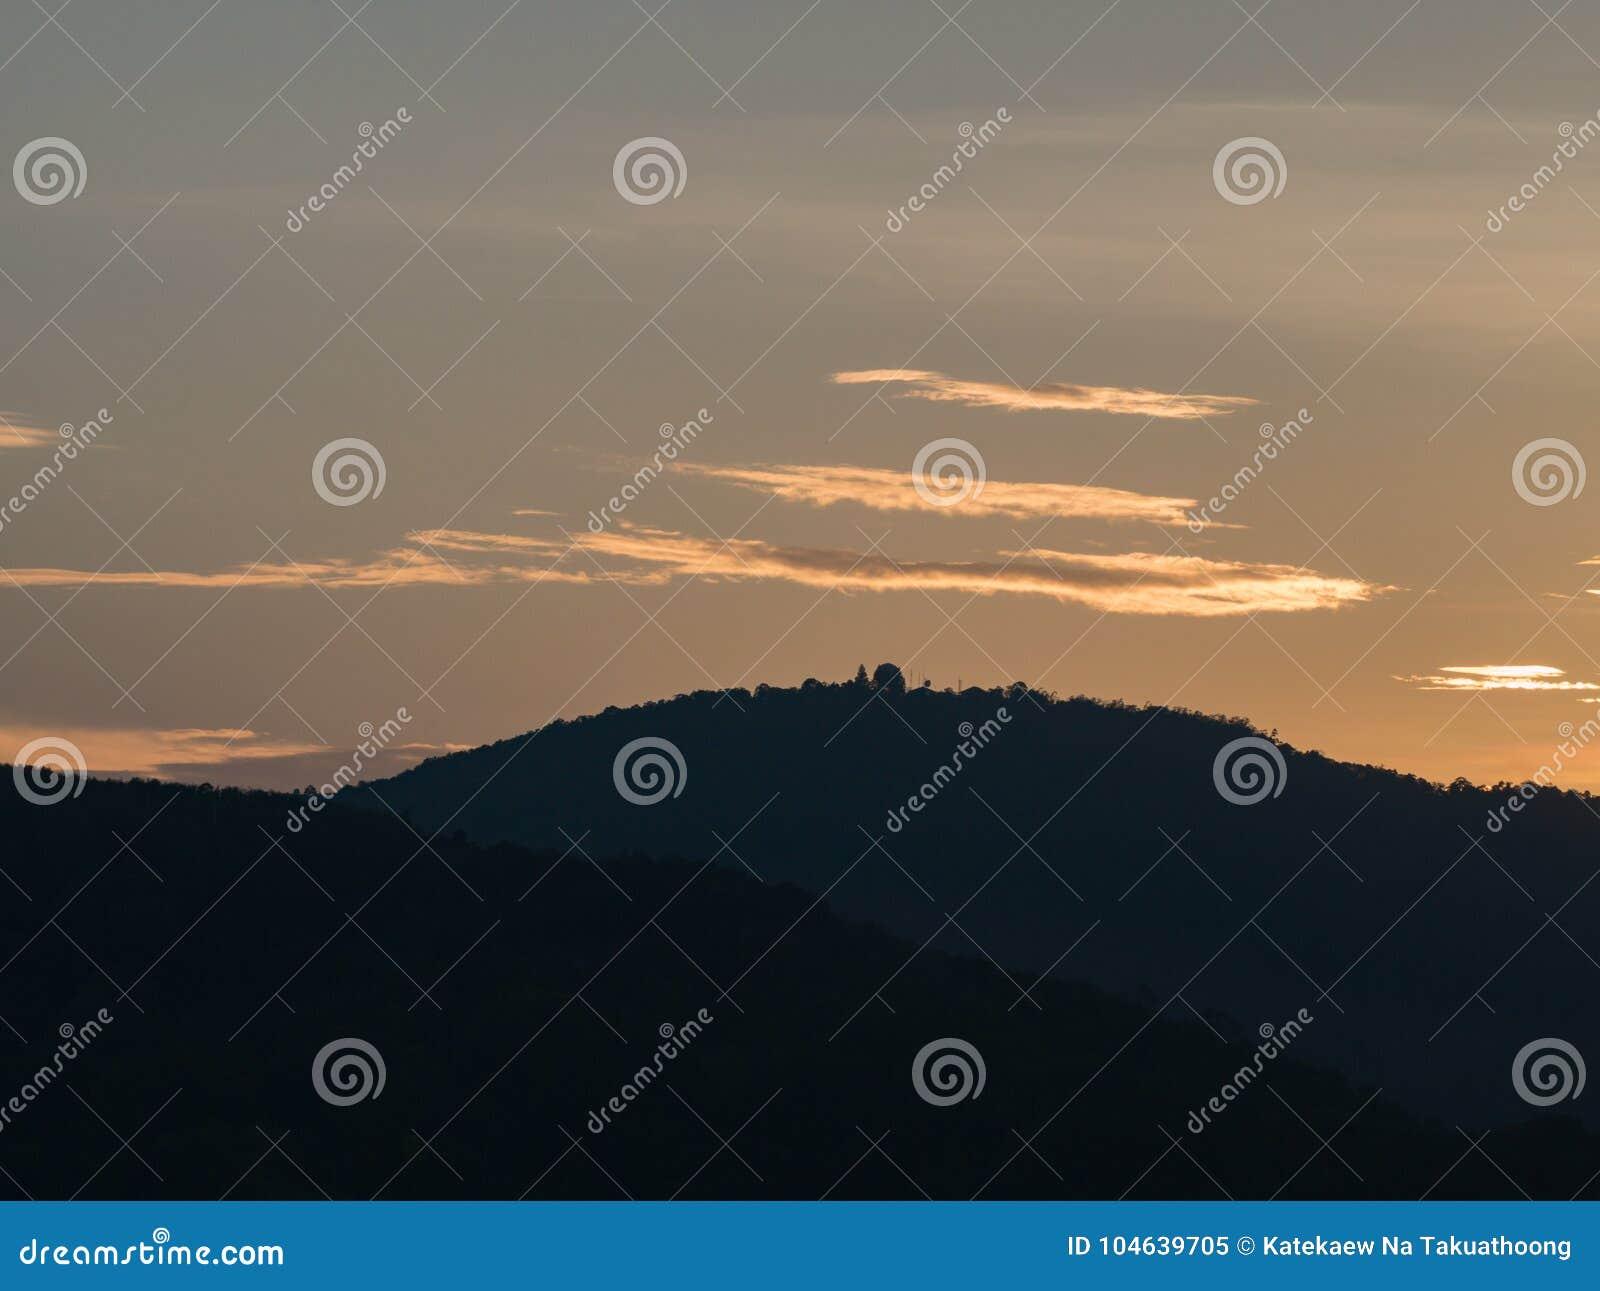 Download Mooie Hemel Met Bewolkte Berg Als Achtergrond En Silhouet Stock Afbeelding - Afbeelding bestaande uit cumulus, naughty: 104639705